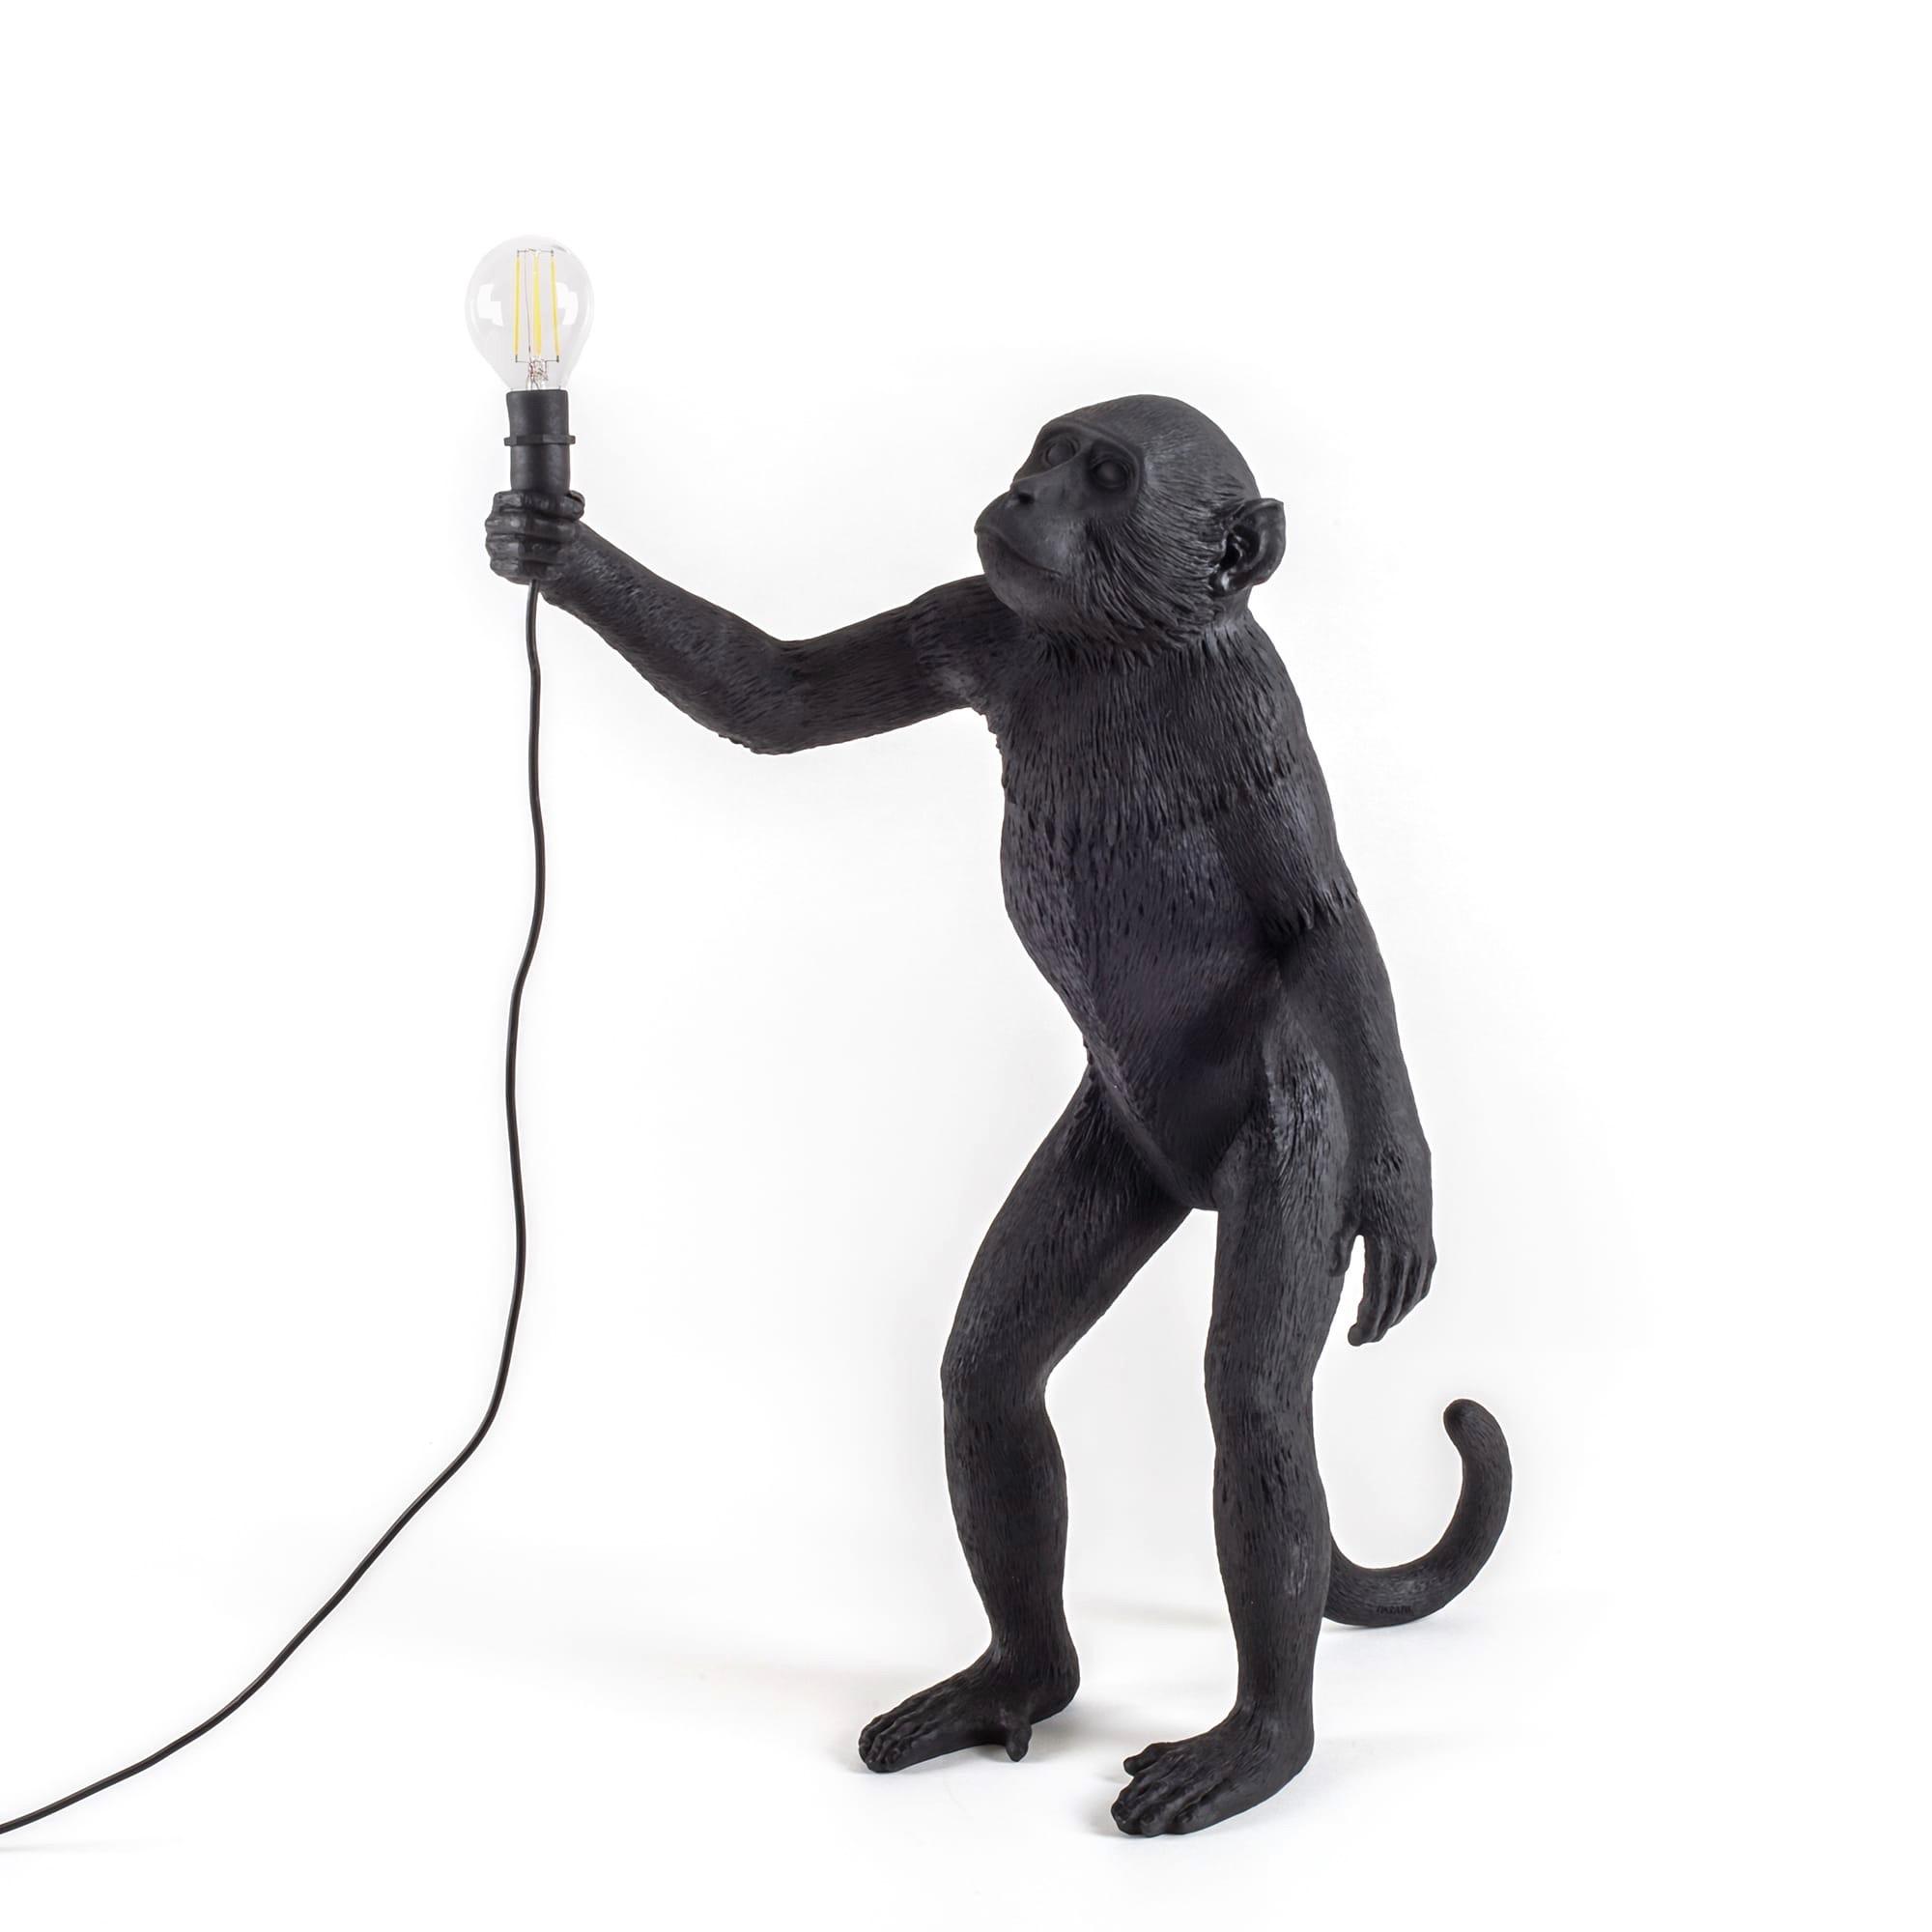 Full Size of Wohnzimmer Lampe Stehend Holz Klein Ikea Led Leuchte The Monkey Lamp Schwarz Seletti Hotel Ultra Schlafzimmer Lampen Esstisch Deckenlampen Modern Gardinen Wohnzimmer Wohnzimmer Lampe Stehend